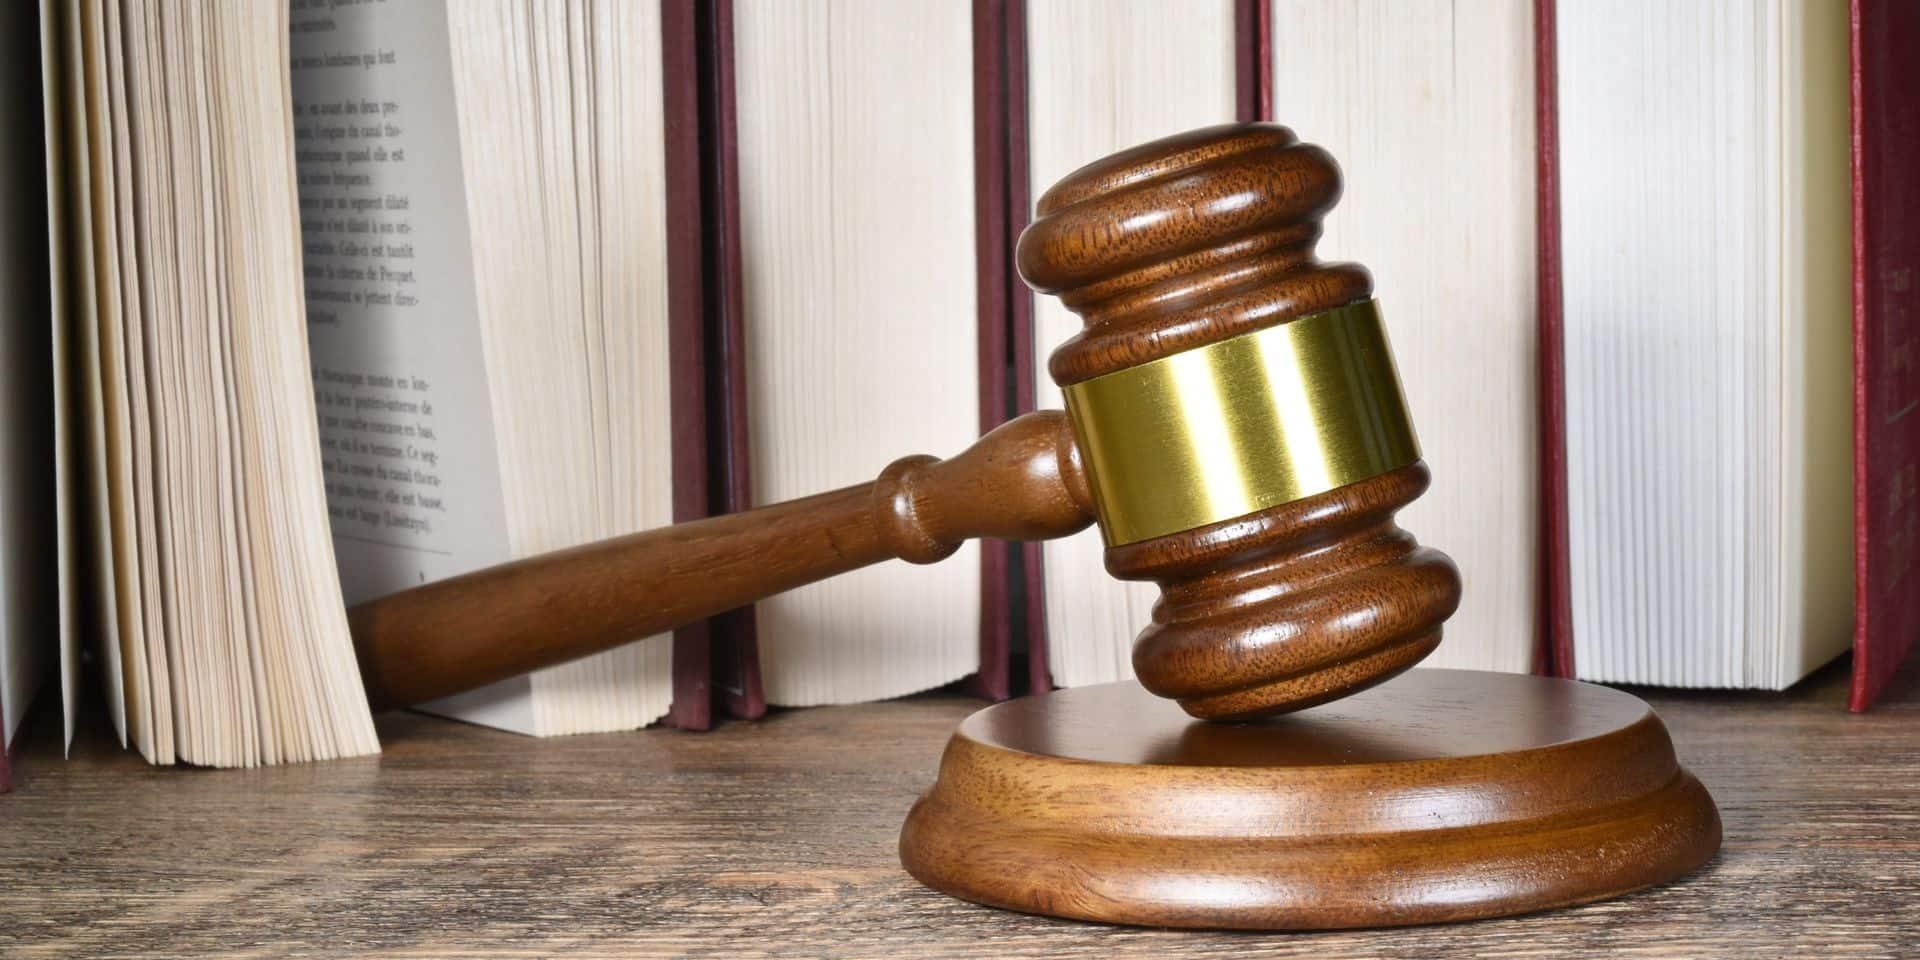 Wanze : 24 mois de prison pour l'auteur d'un Fort Chabrol